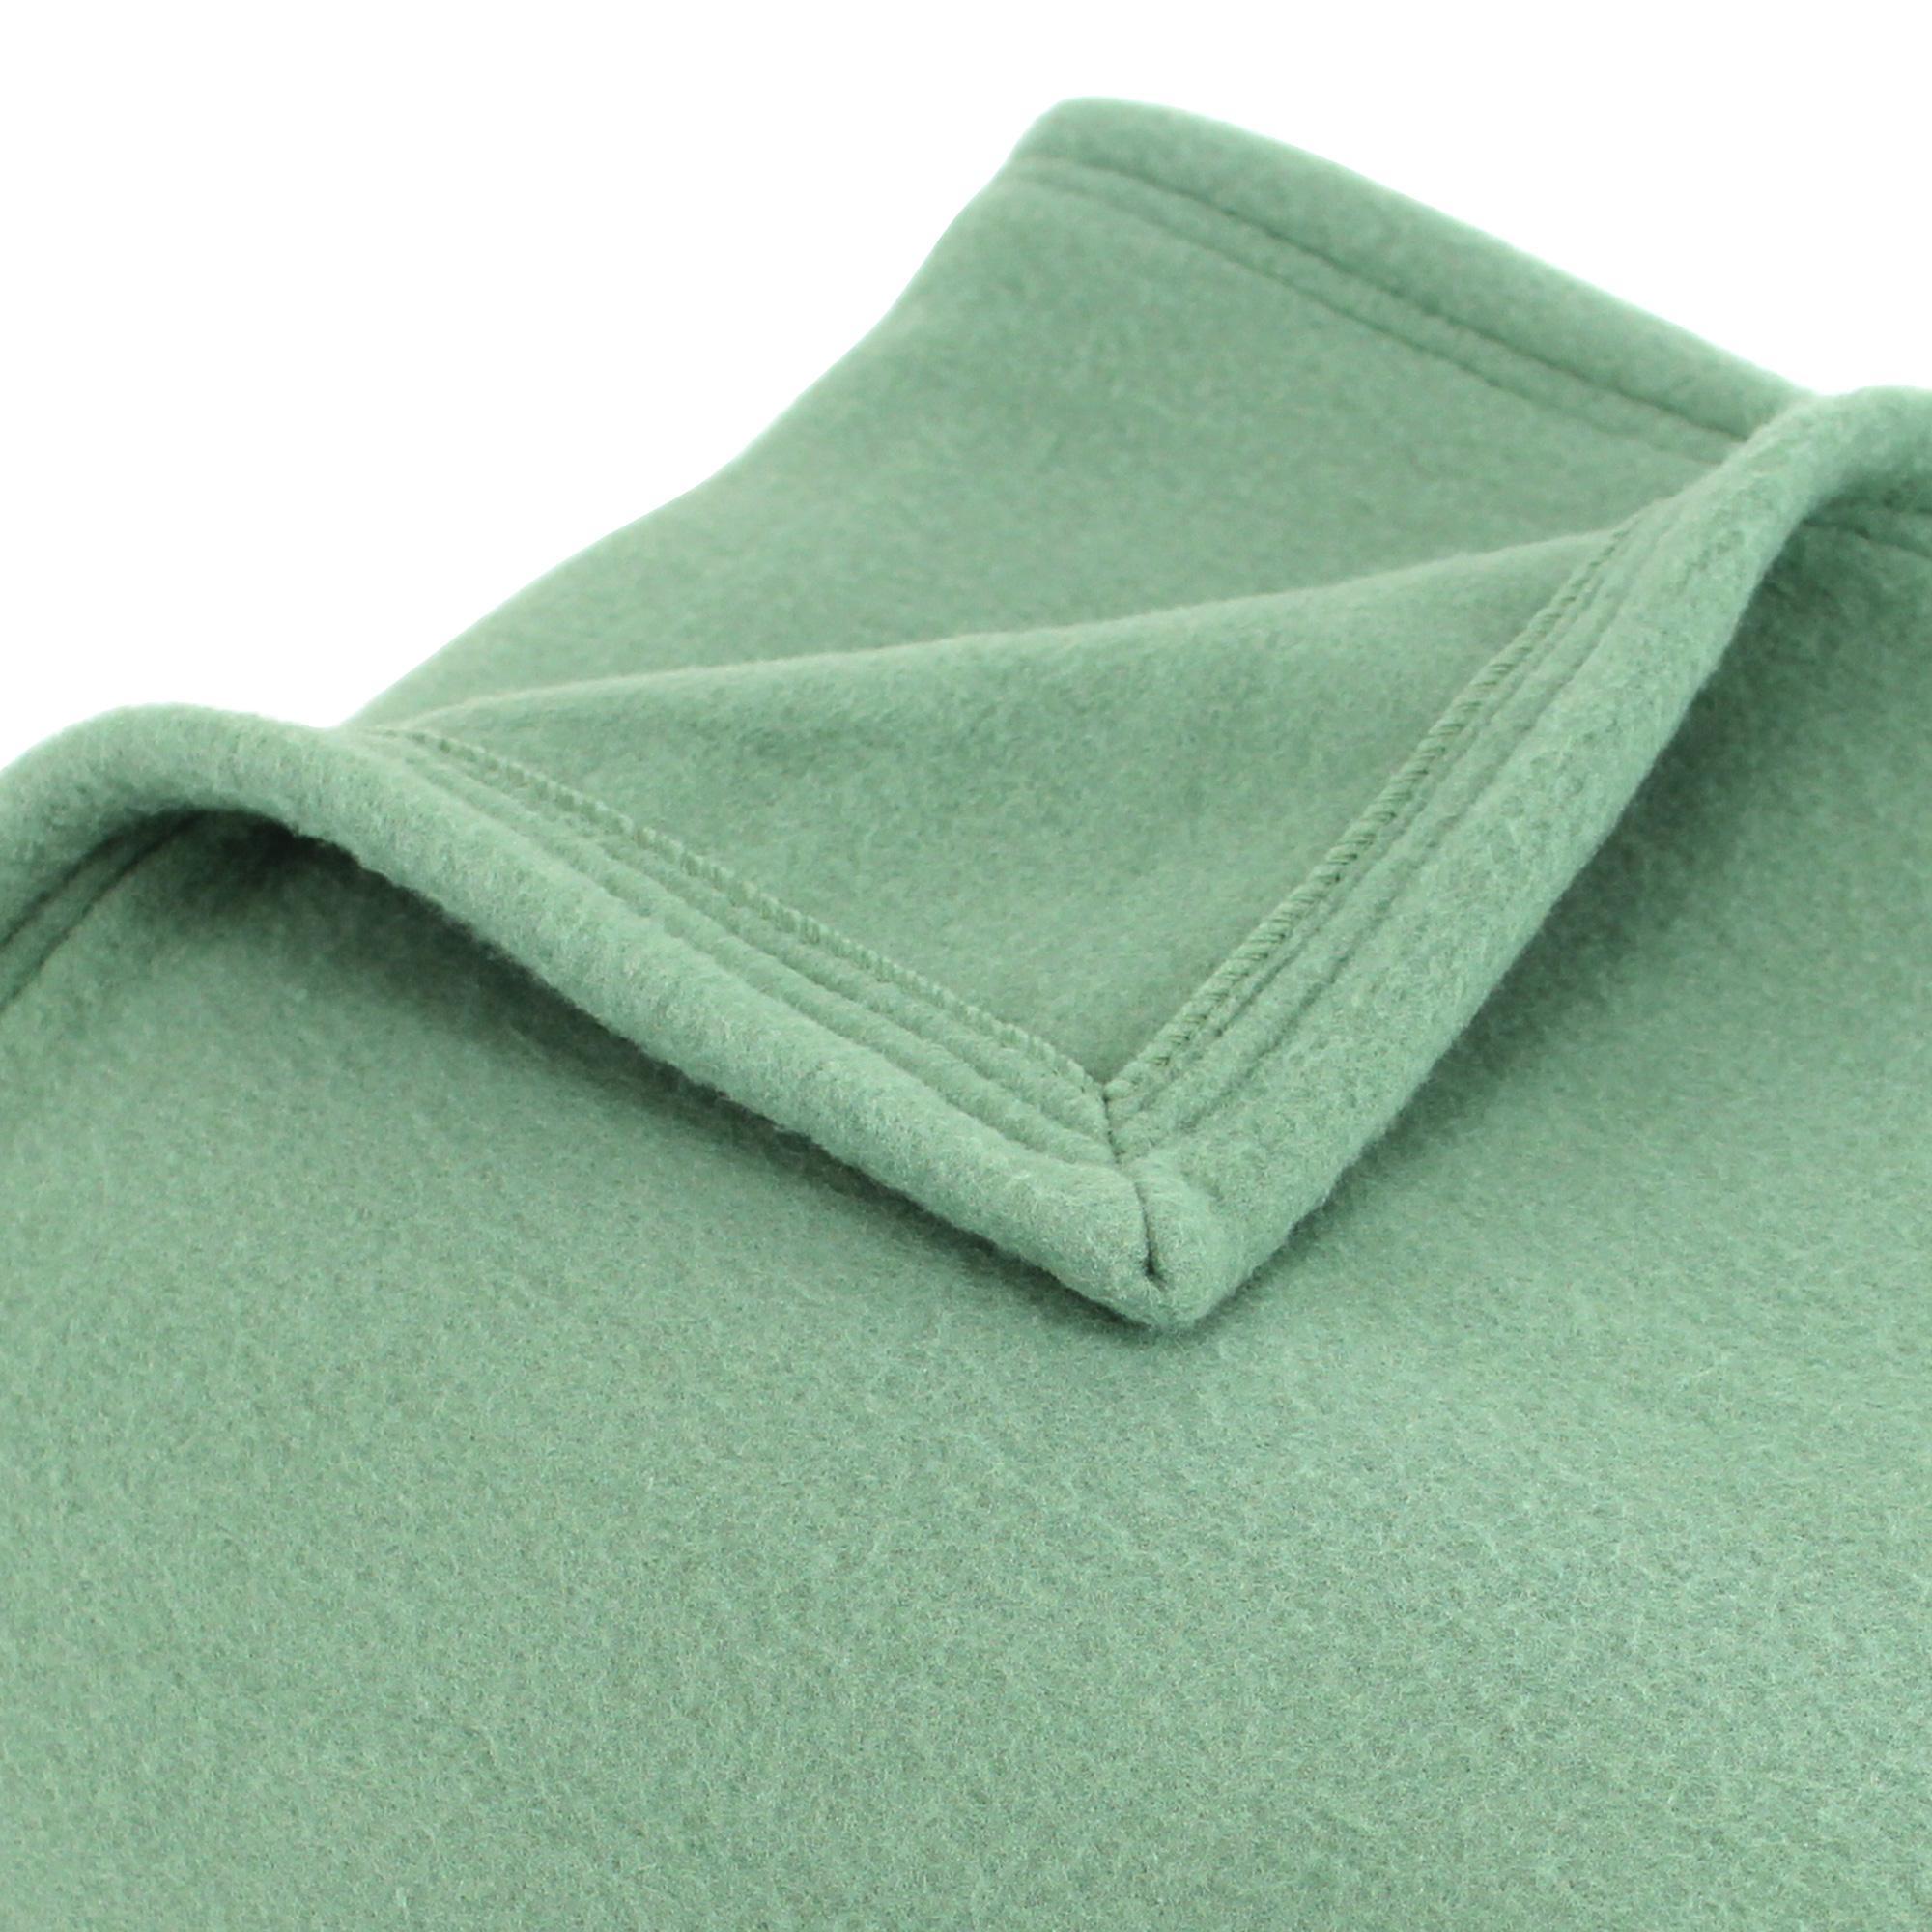 couverture polaire polyester 240x260 cm teddy amande linnea linge de maison et. Black Bedroom Furniture Sets. Home Design Ideas